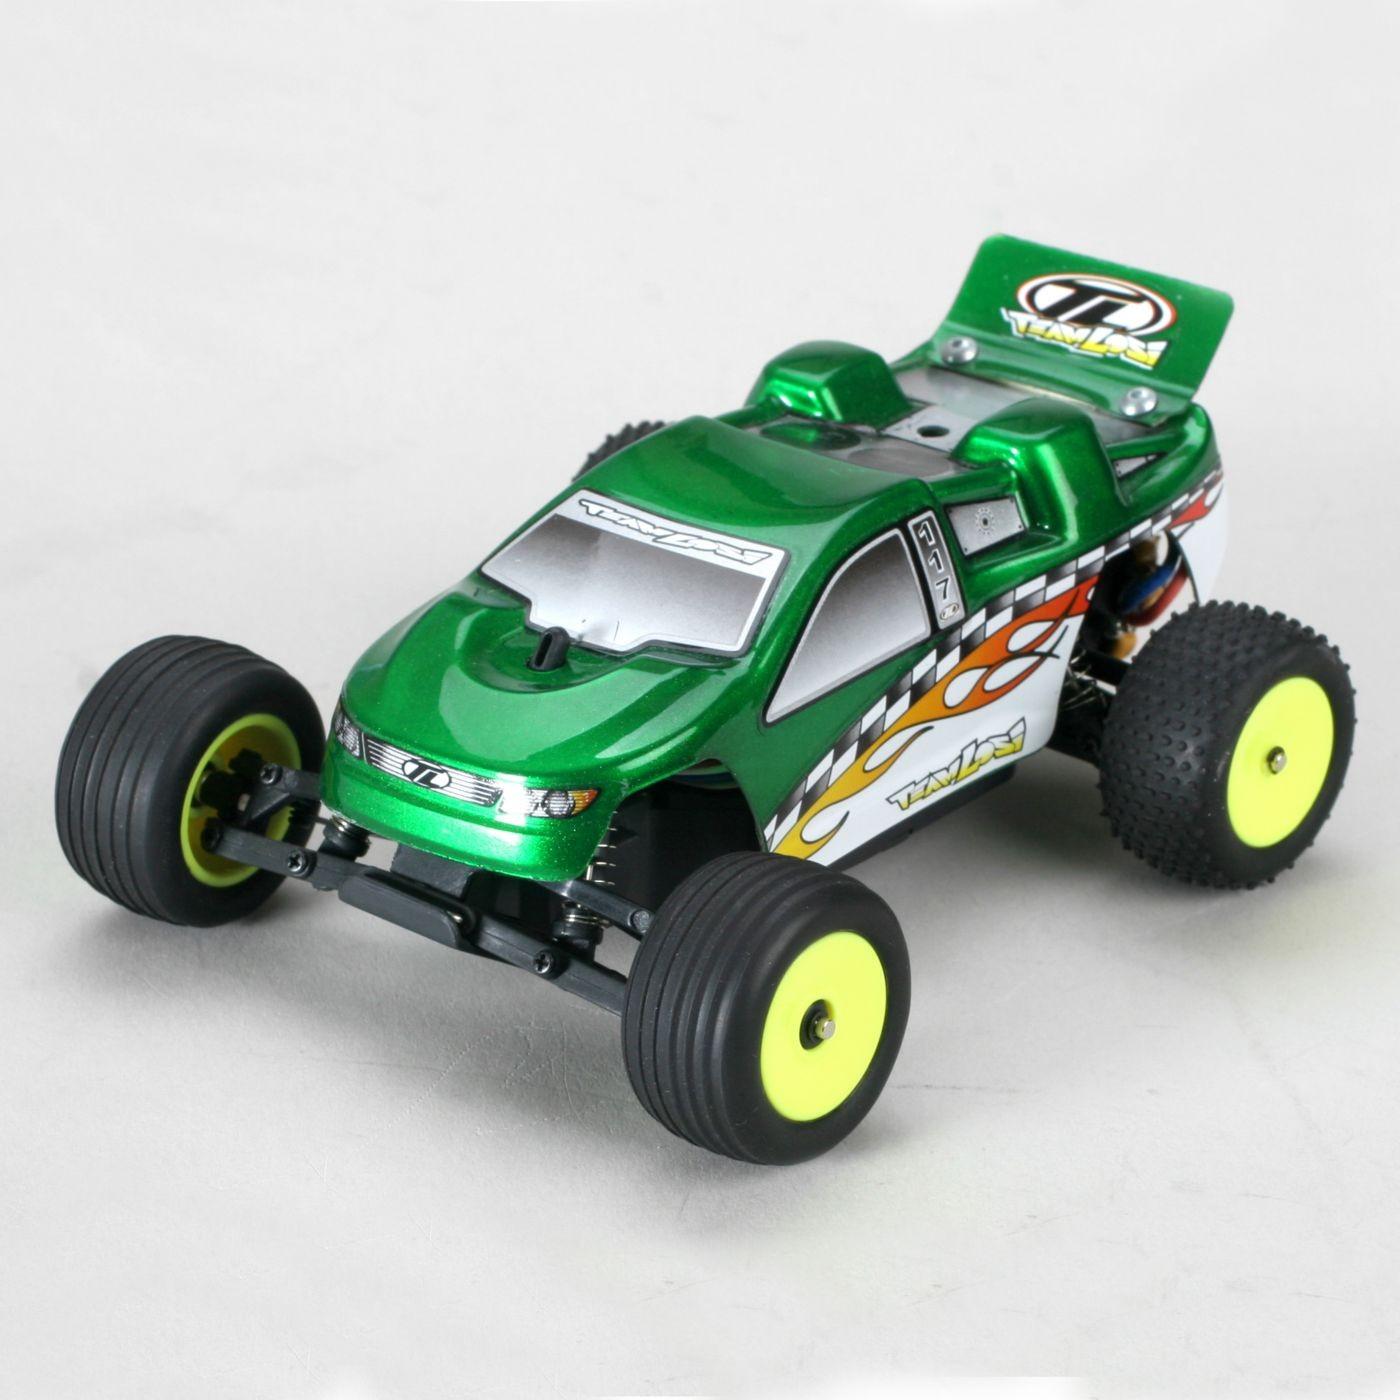 Радиоуправляемая модель Трагги Losi Micro-T 2WD RTR 1:36 (зеленая) - LOSB0230T3